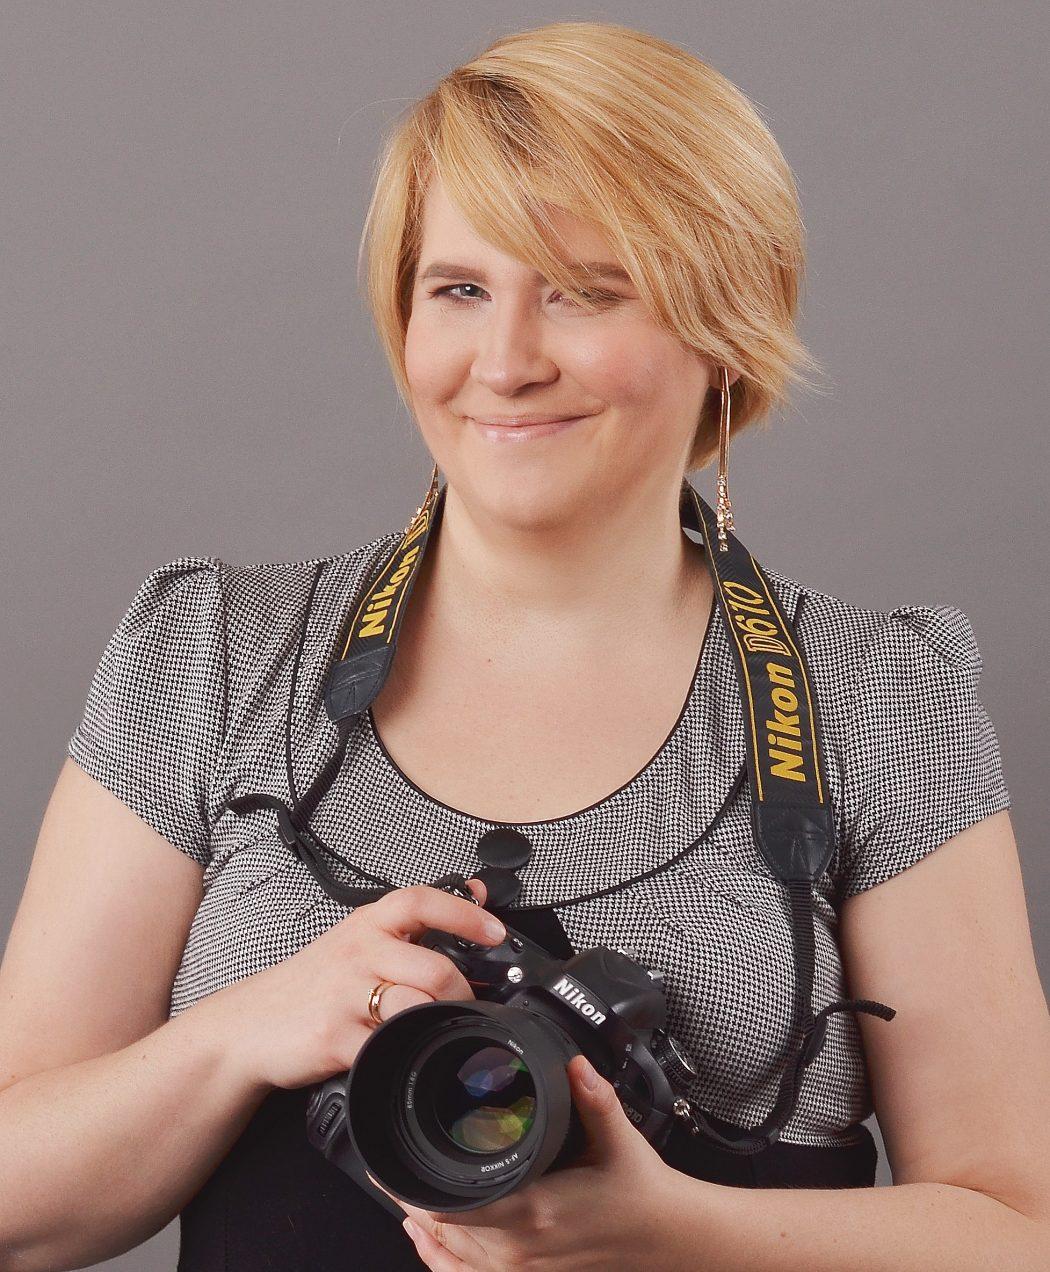 magazynkobiet.pl - DSC 0031 1050x1272 - Program Start&UP - rozmowa z Anną Piotrowską